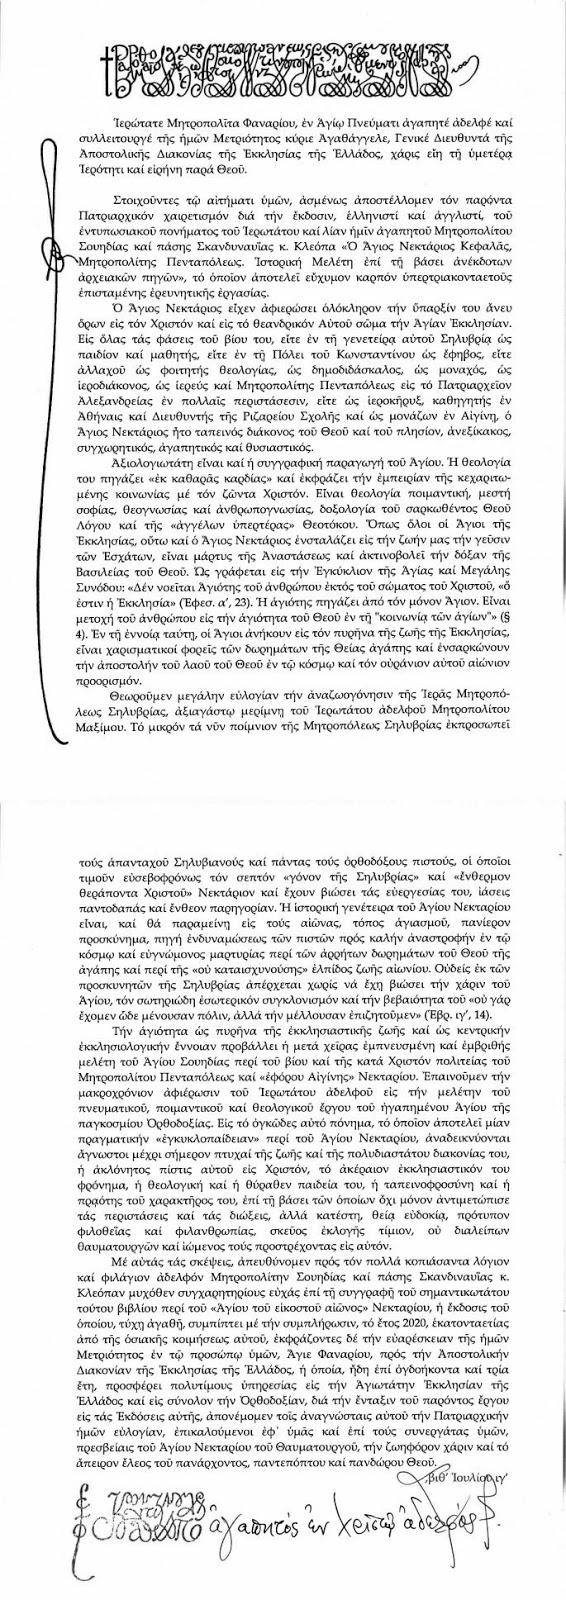 Το δίτομο έργο του Σεβασμιωτάτου Μητροπολίτου Σουηδίας  κ.κ.  Κλεόπα για τον Άγιο Νεκτάριο